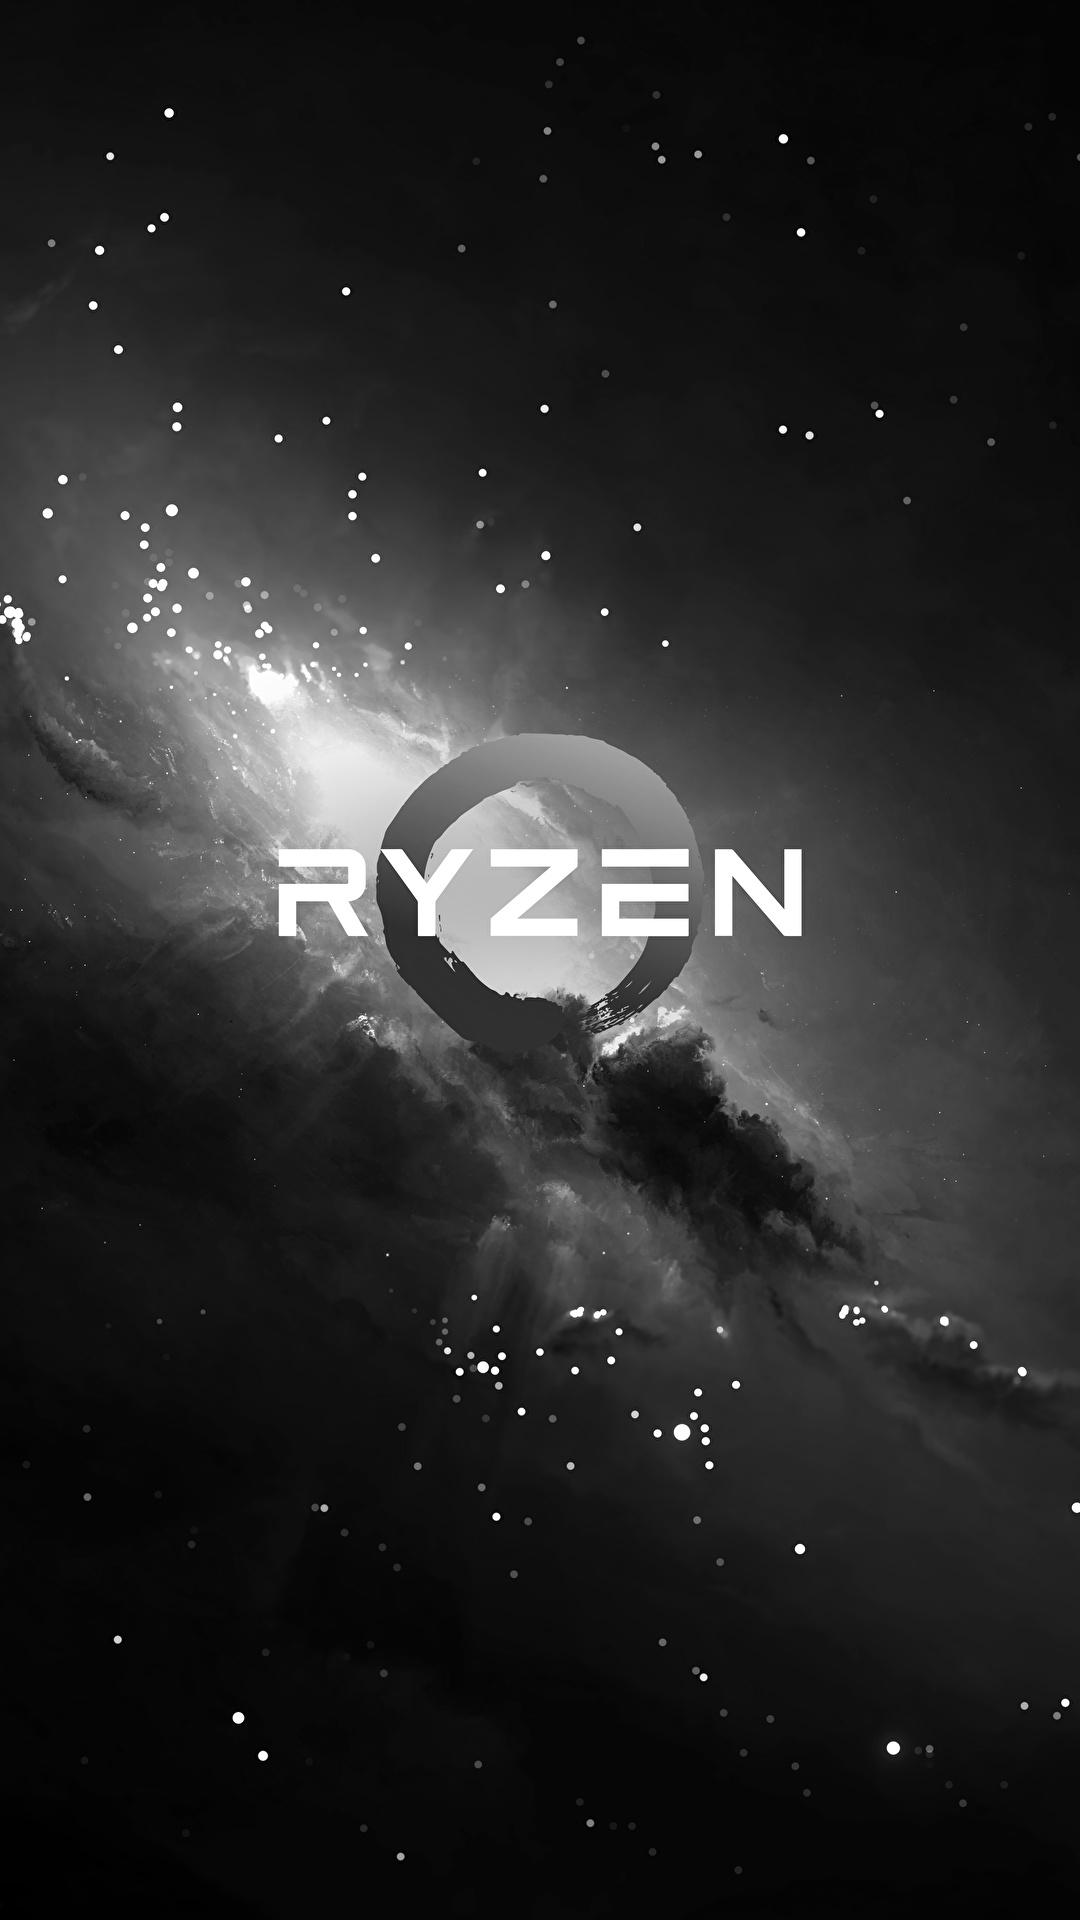 壁紙 1080x19 Amd ロゴエンブレム Ryzen 白黒 コンピューター ダウンロード 写真